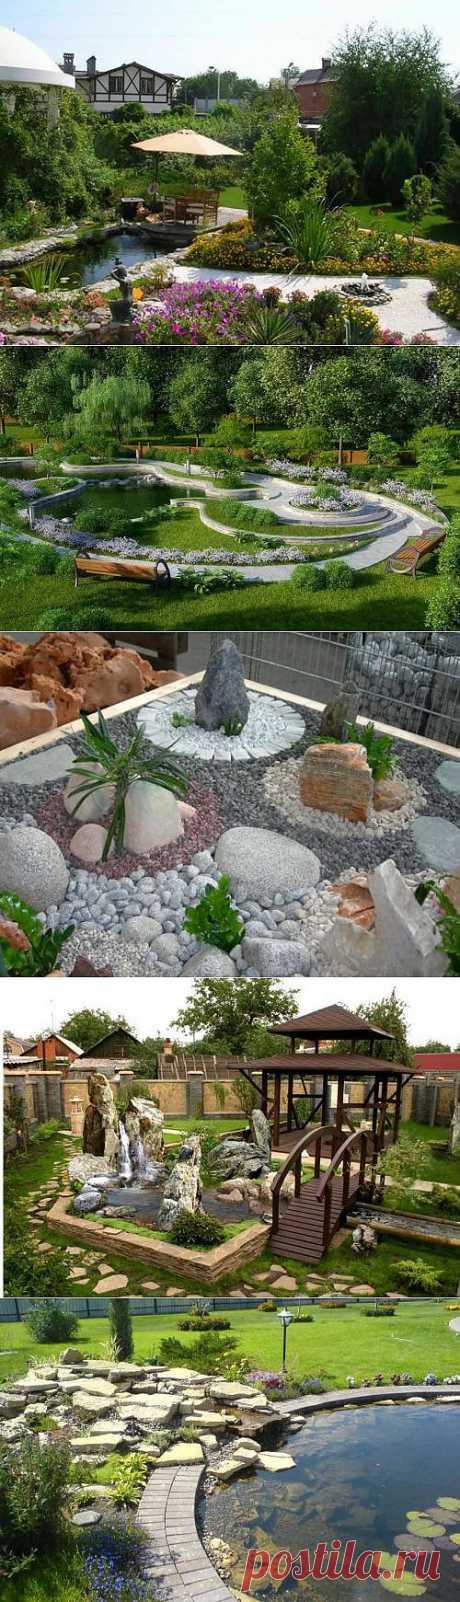 Ландшафтный дизайн | Наш уютный дом